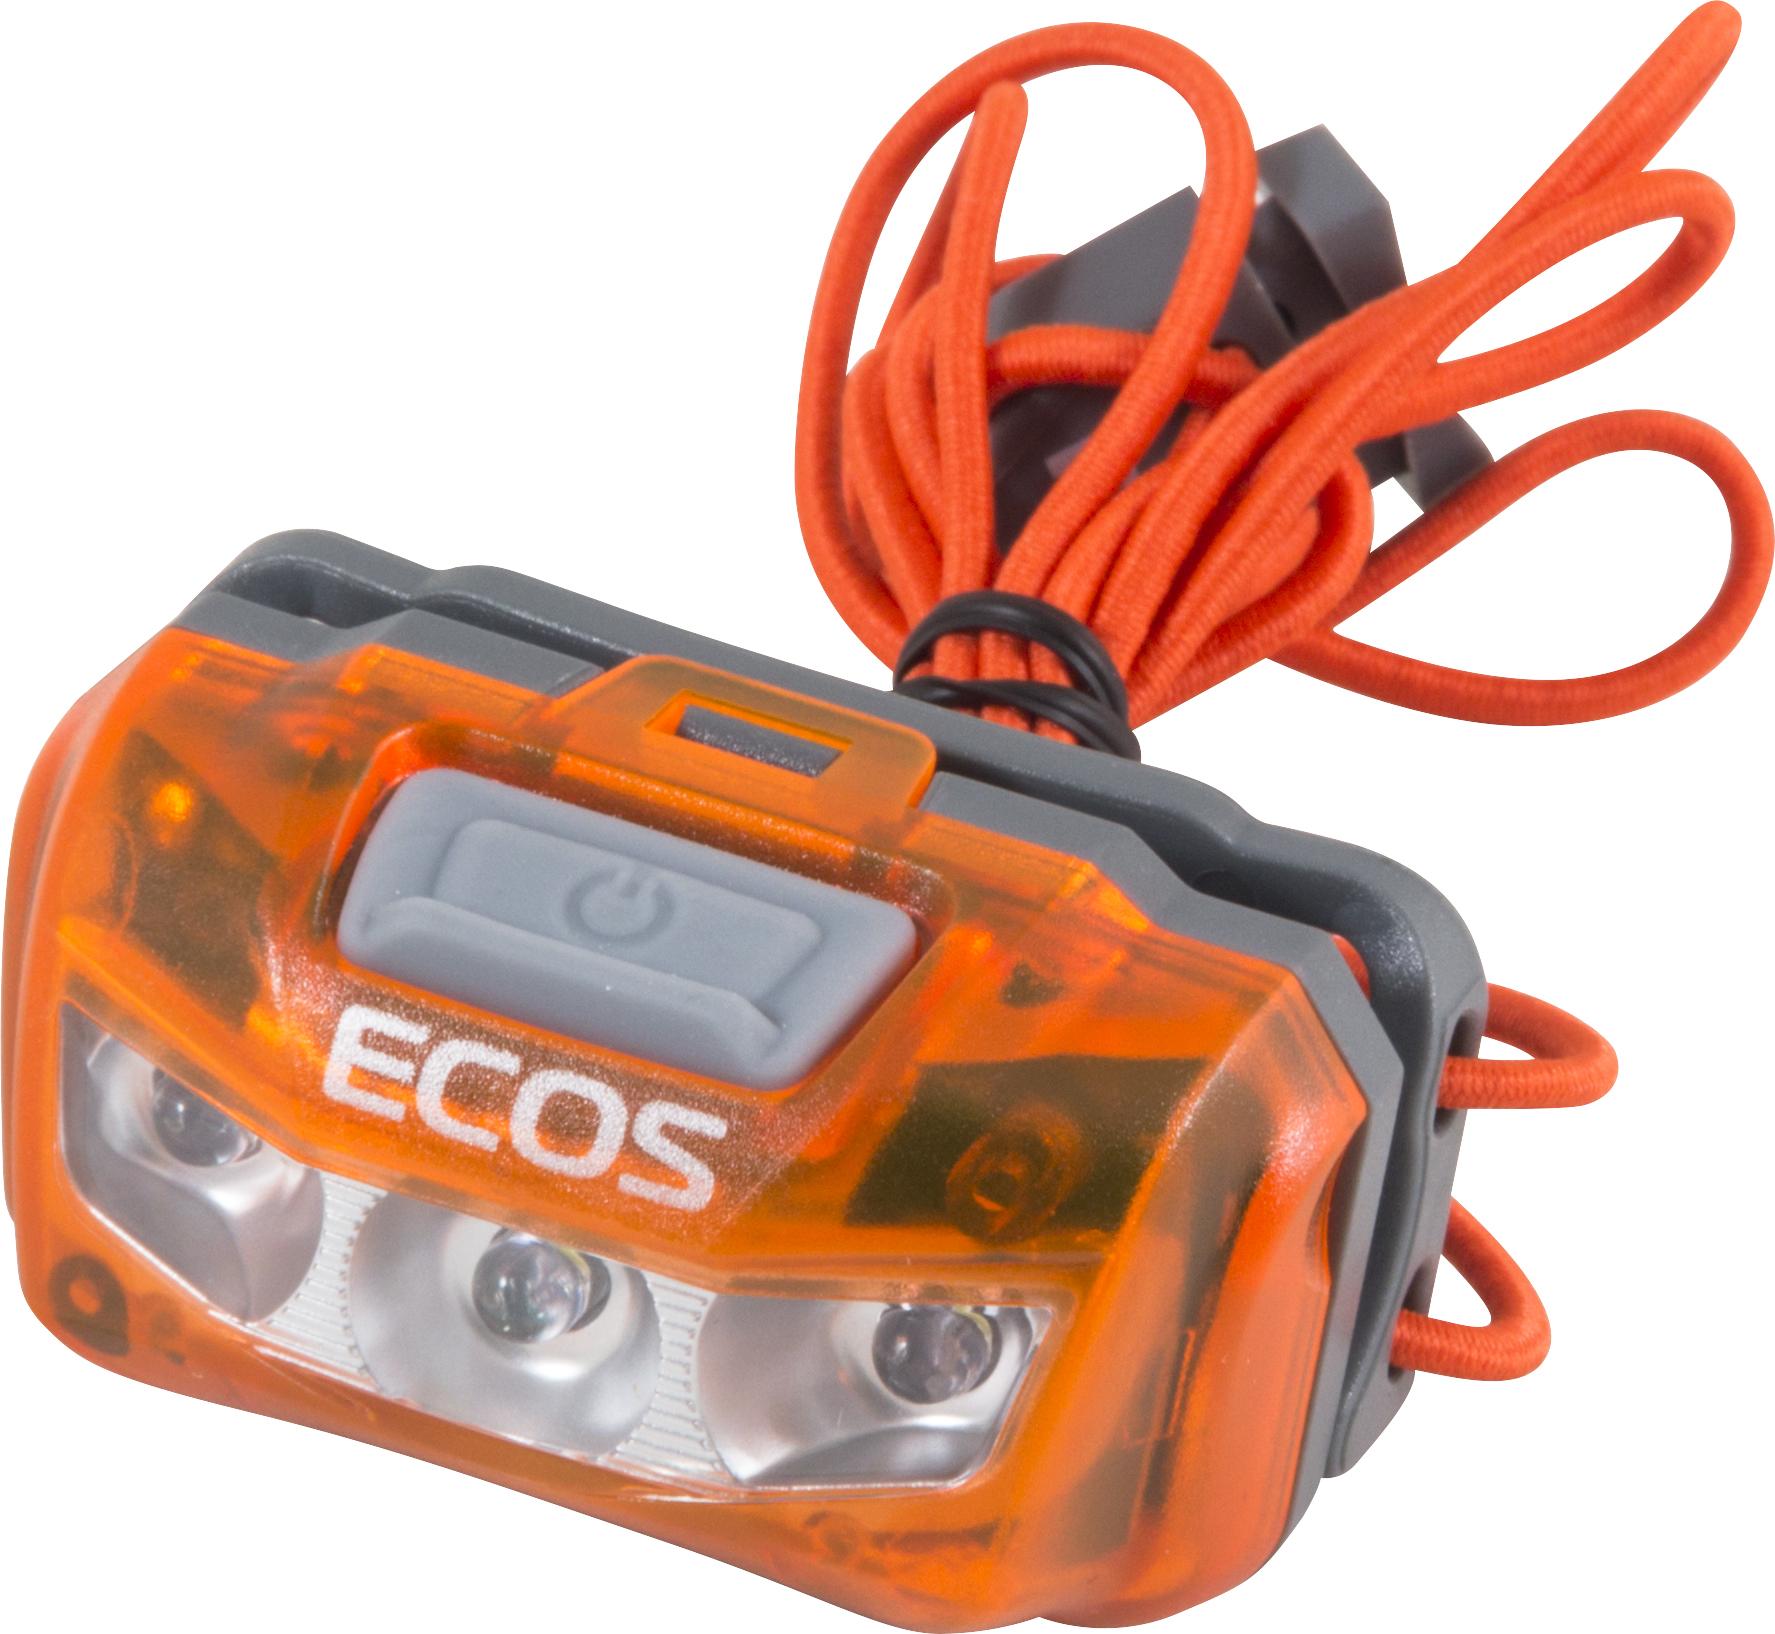 Налобный фонарь Ecos FLHB6006, оранжевый налобный фонарь ecos flhb6008 белый черный